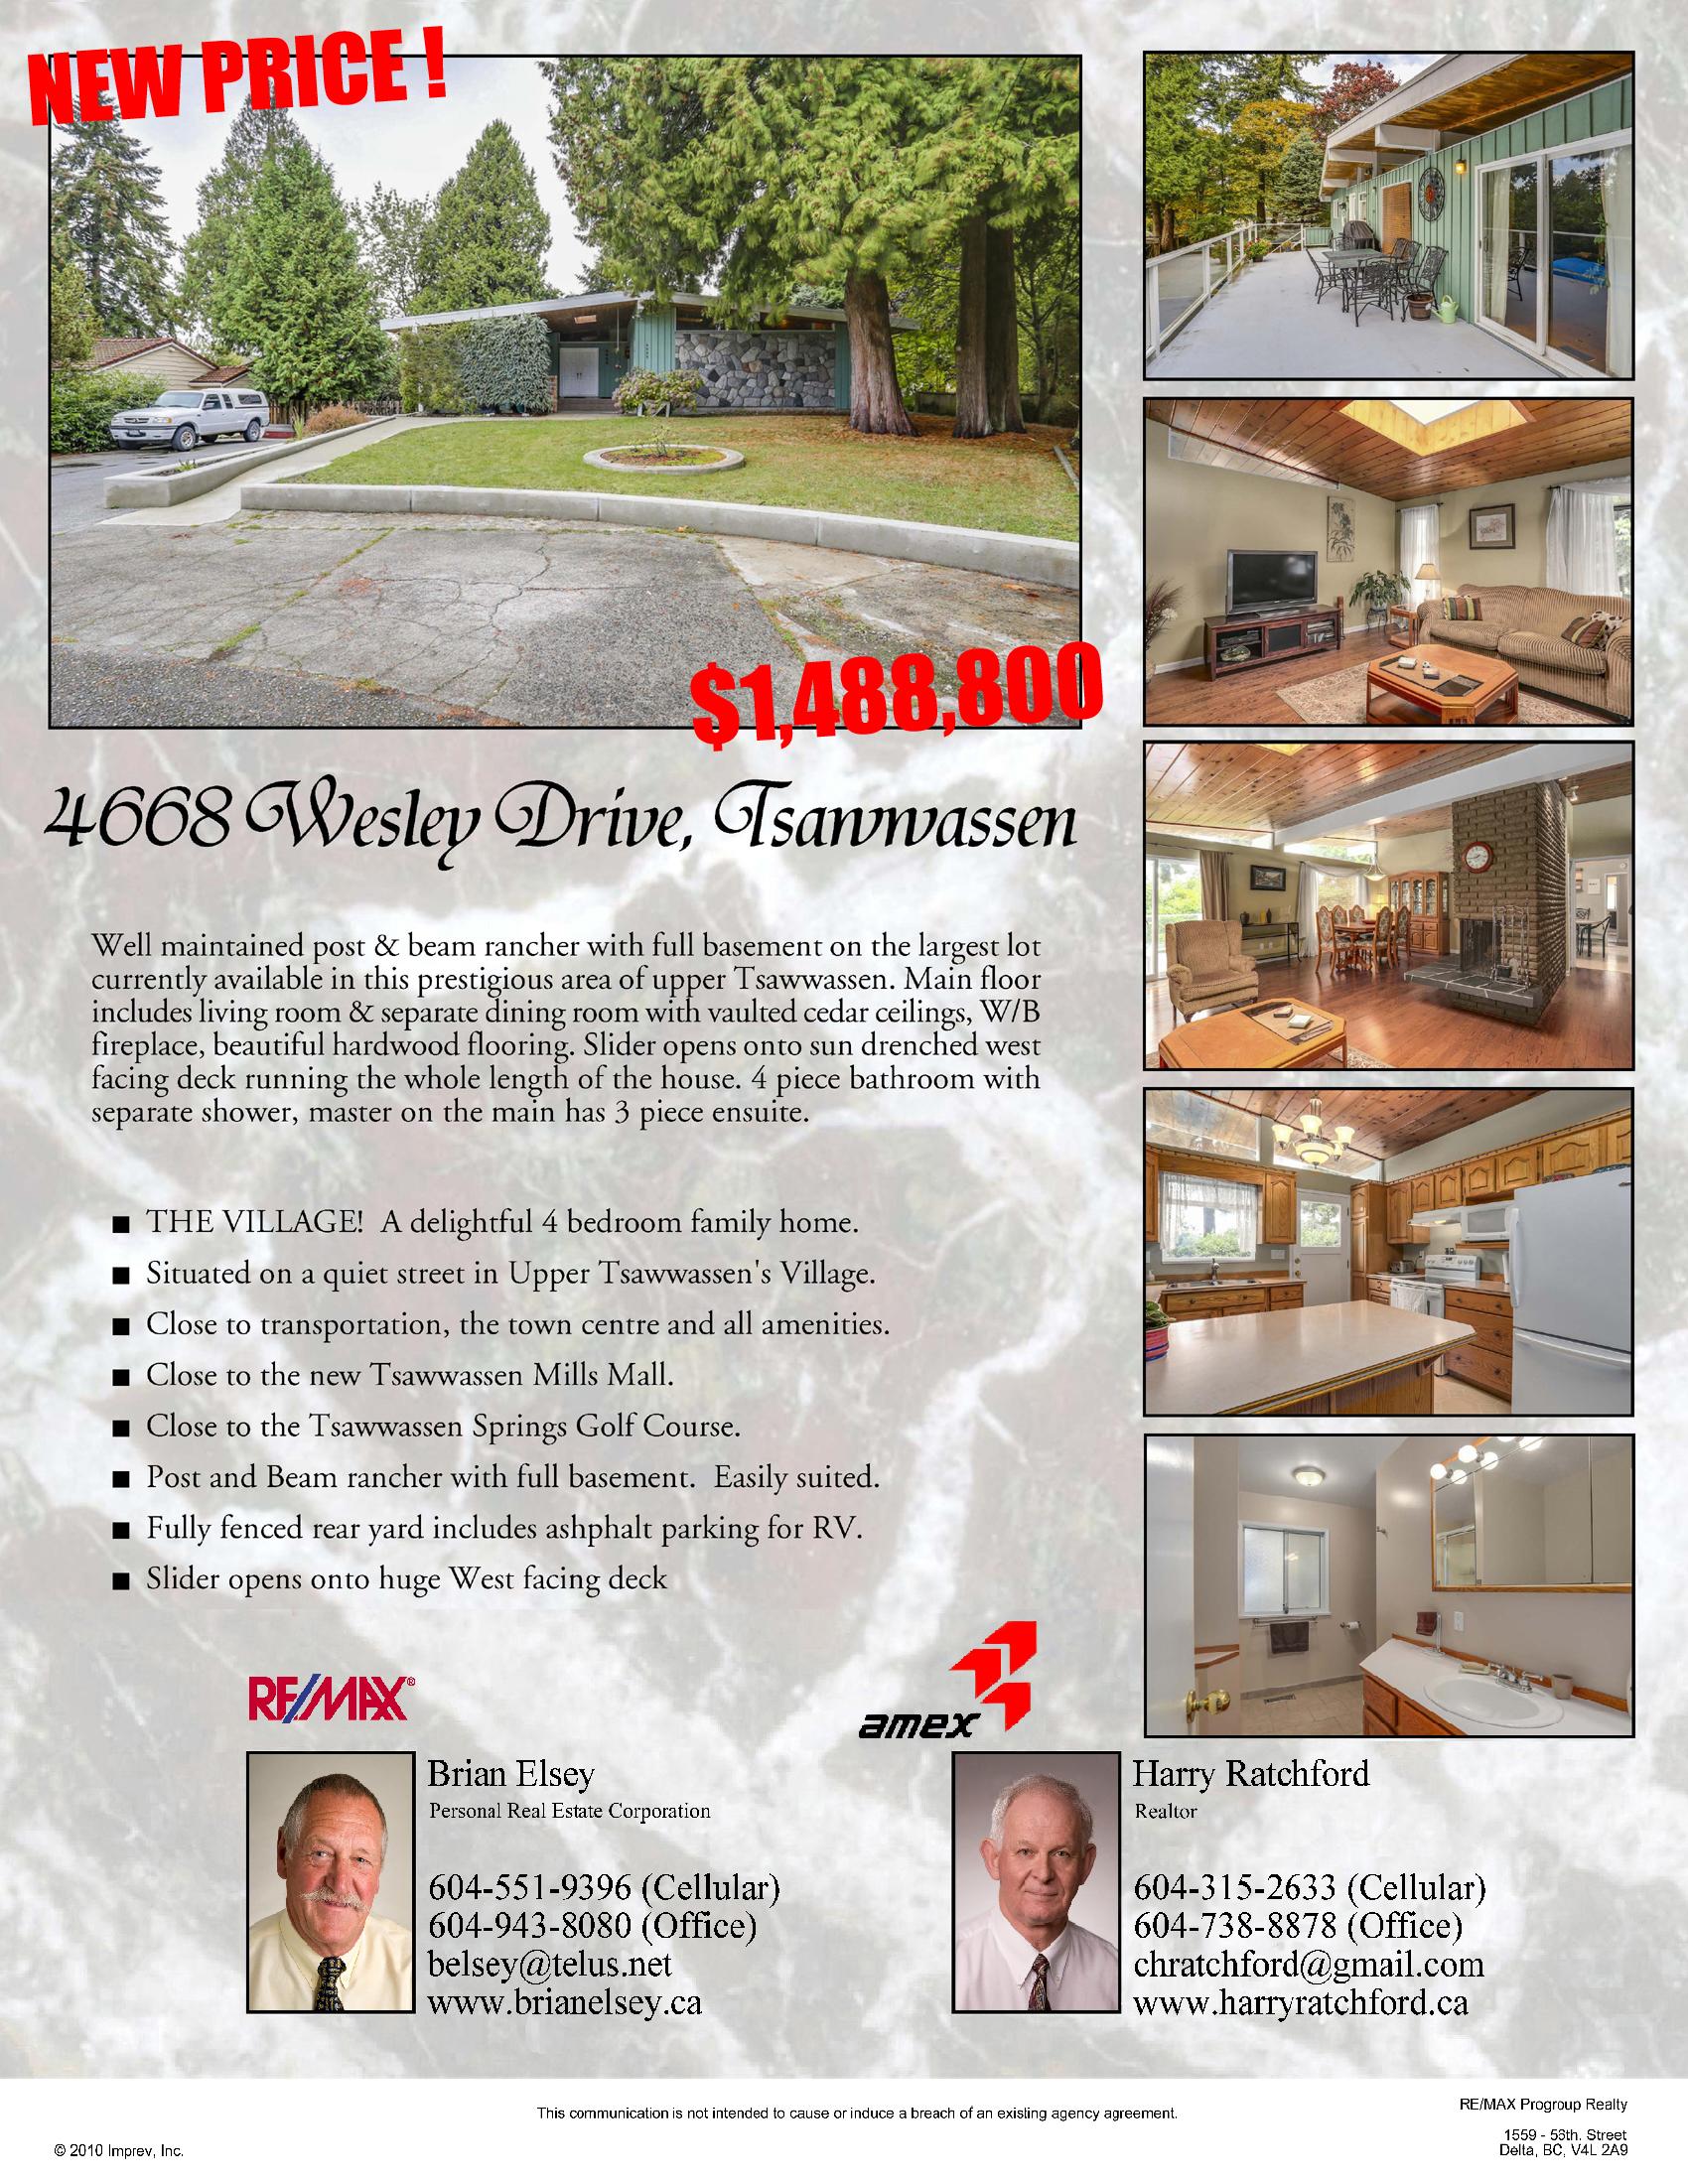 4668 wesley drive  tsawwassen 2up 14889